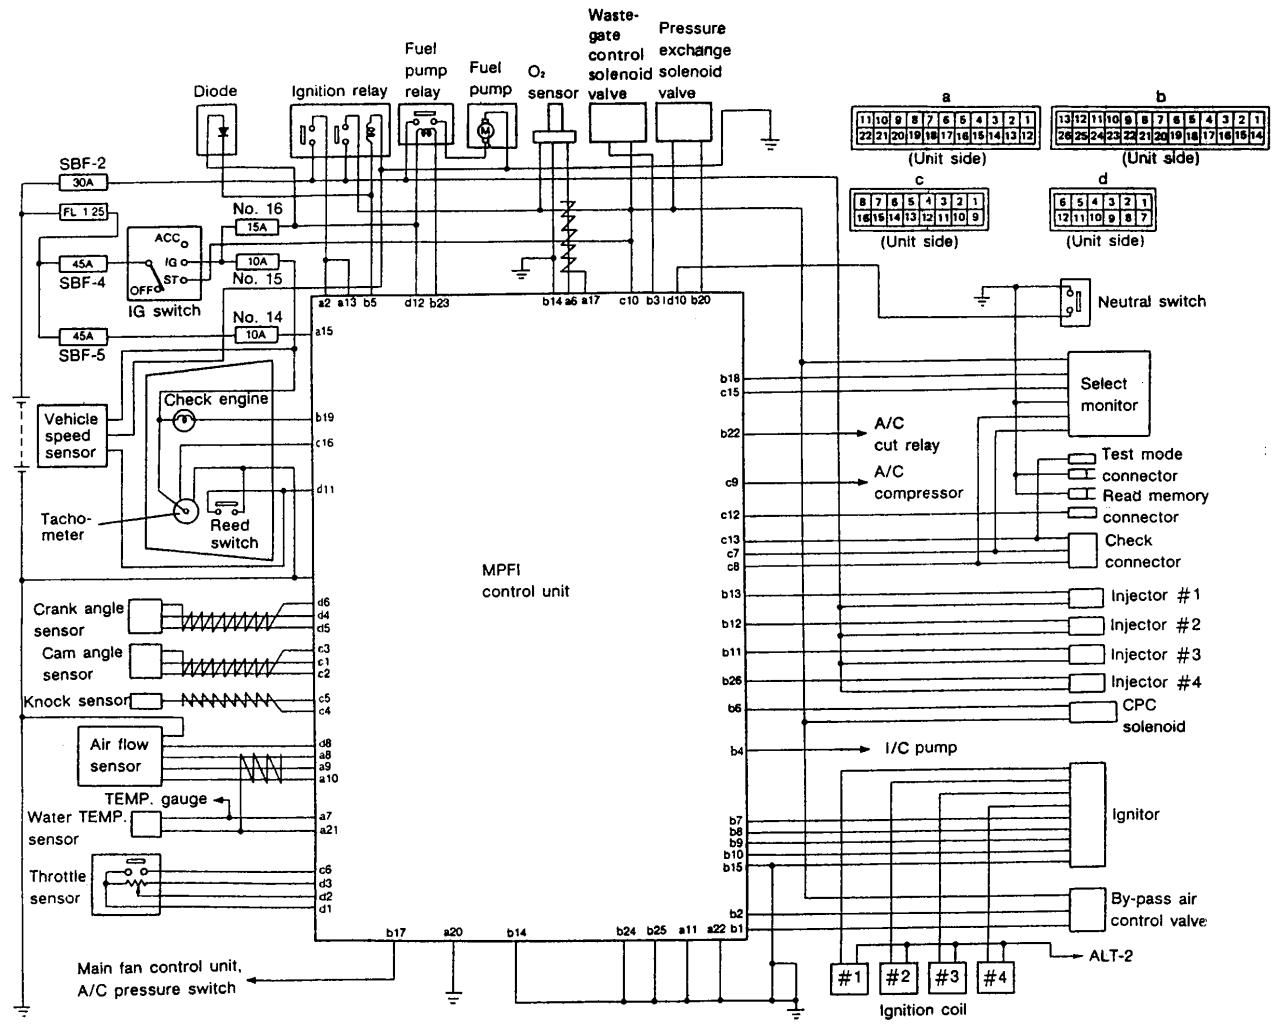 2012 subaru wrx fuse box diagram